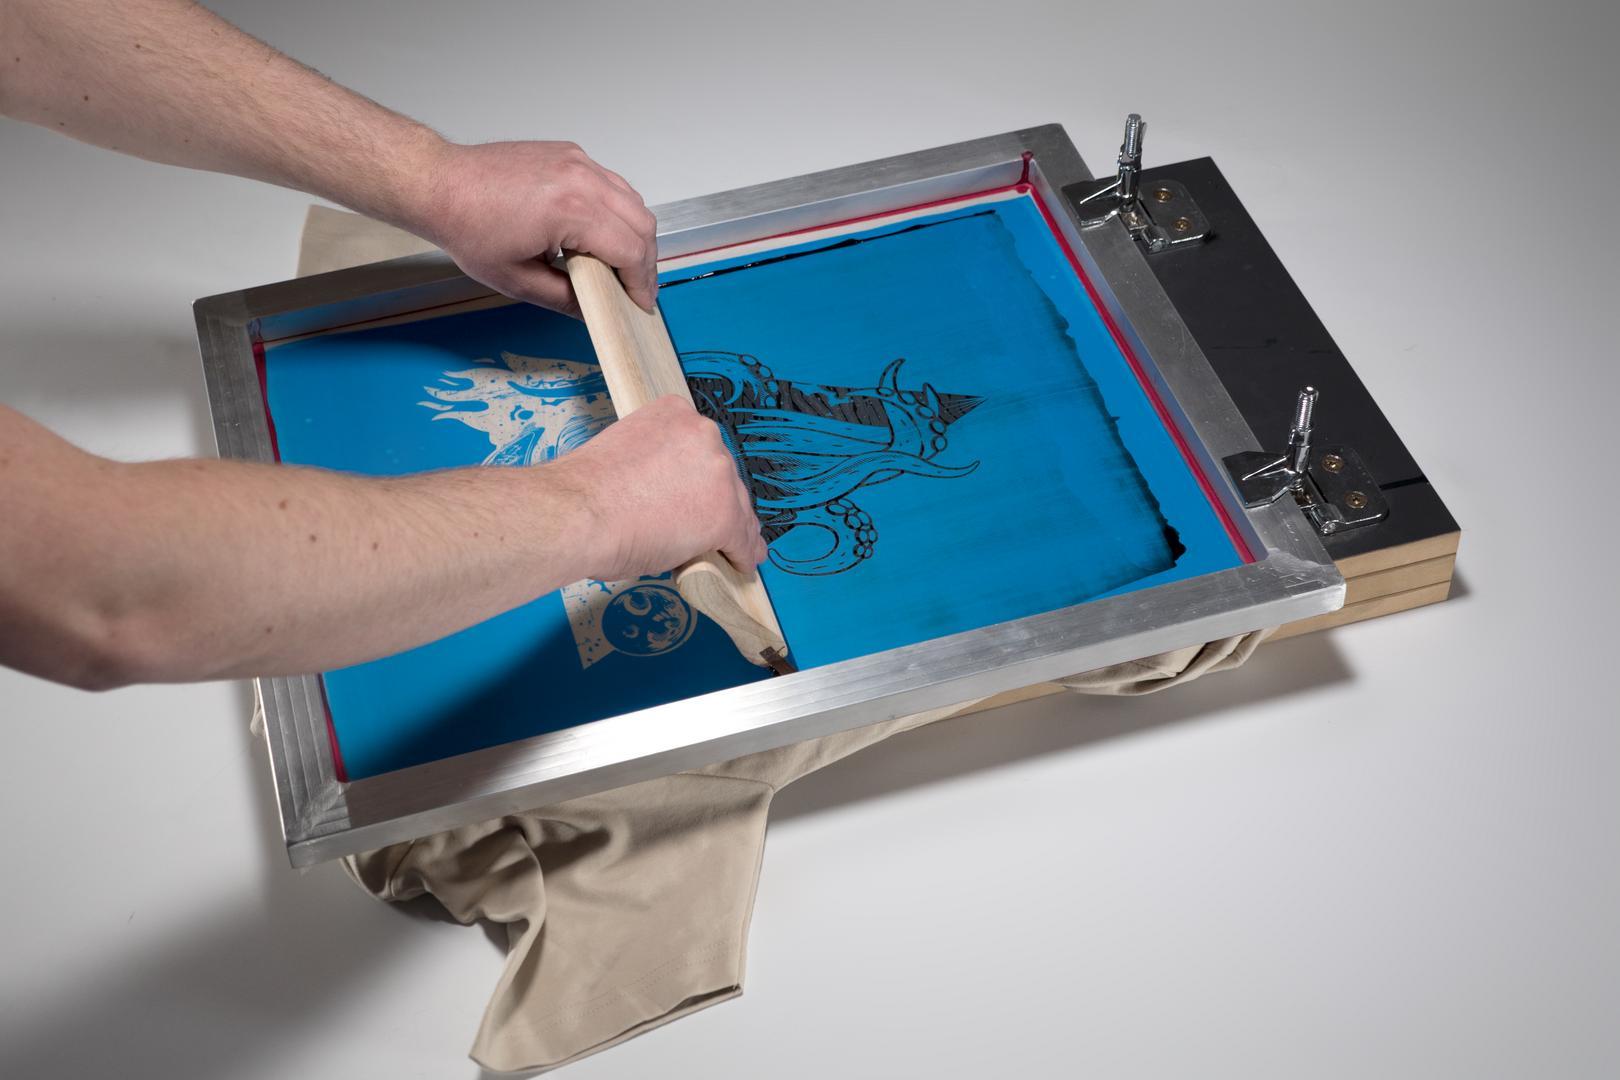 zeefdruk zelf maken handleiding zelf zeefdrukken. Black Bedroom Furniture Sets. Home Design Ideas